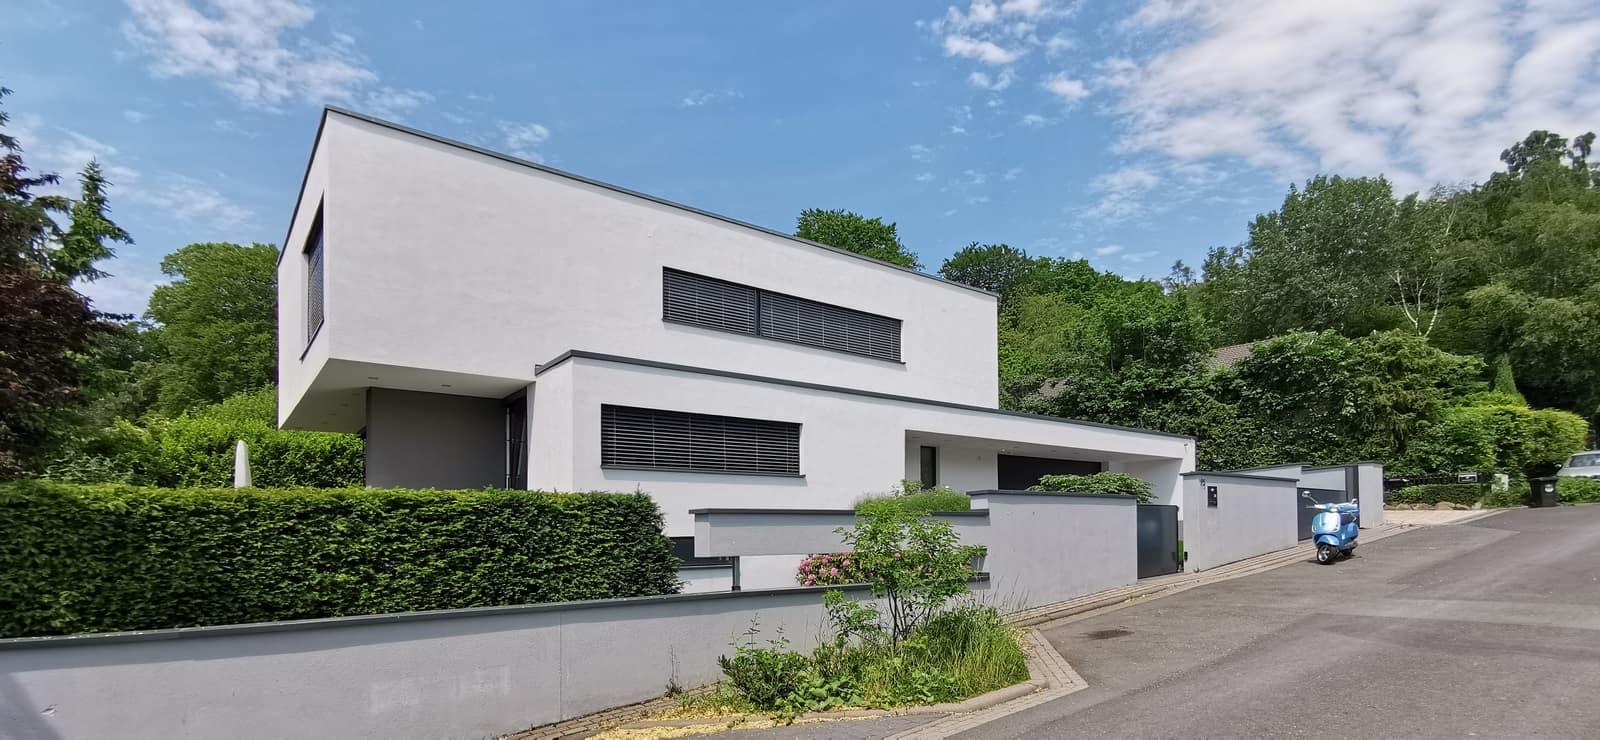 Modernes Haus Bauhausstil